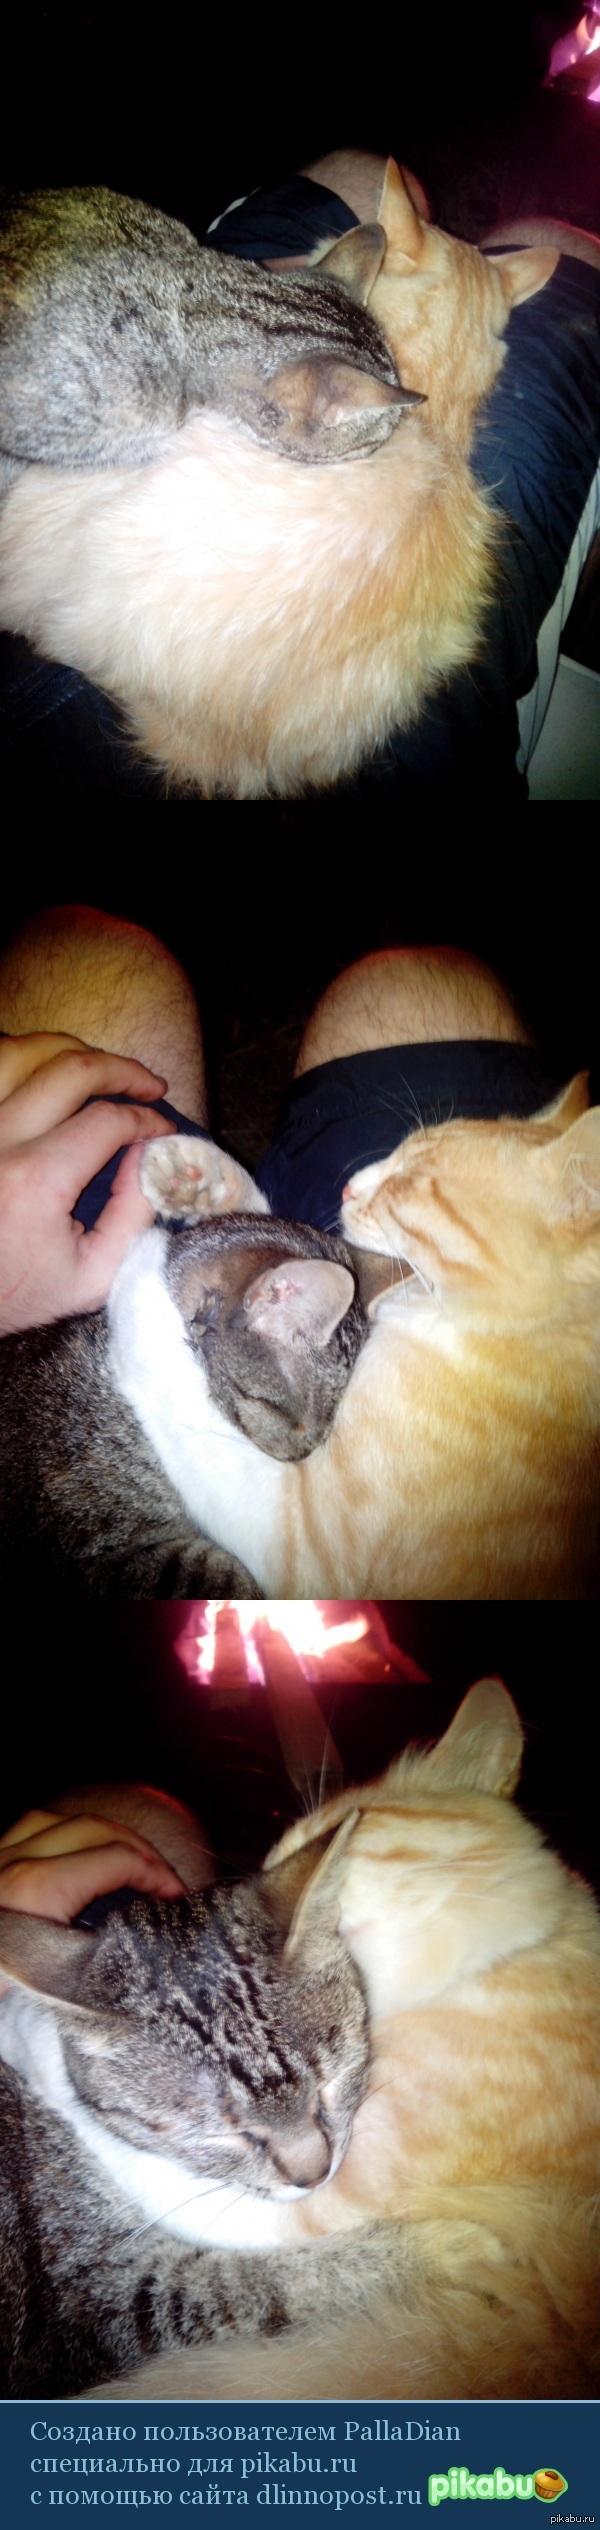 коты обнимаются ) сидел у костра ночью воле дома, залезли на меня и давай обниматься. рыжий - самец)